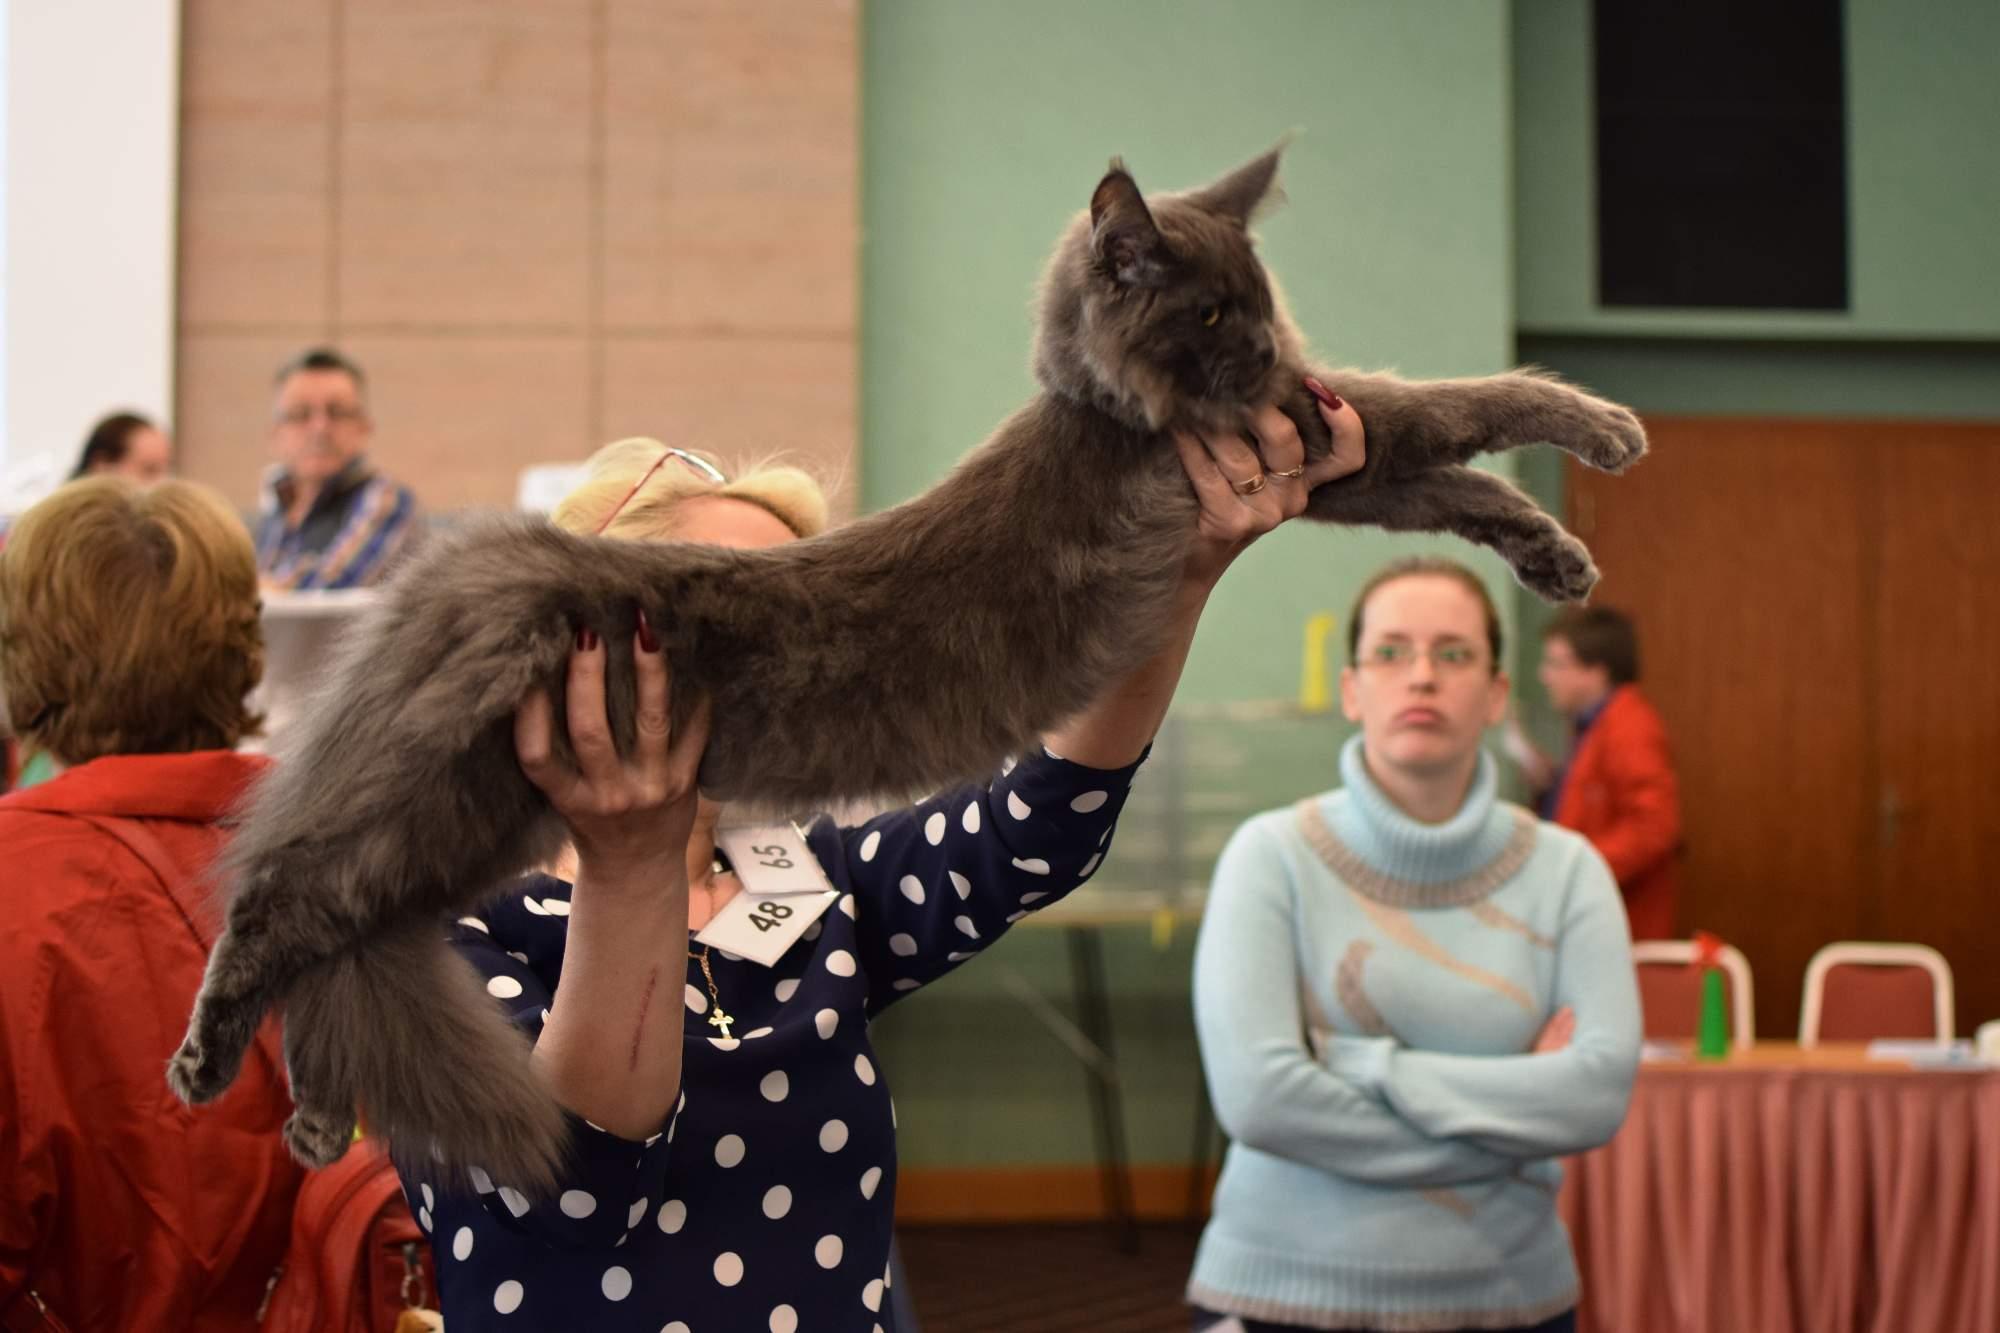 Majitelka představuje svou kočku porotě. Foto: Lenka Jebáčková